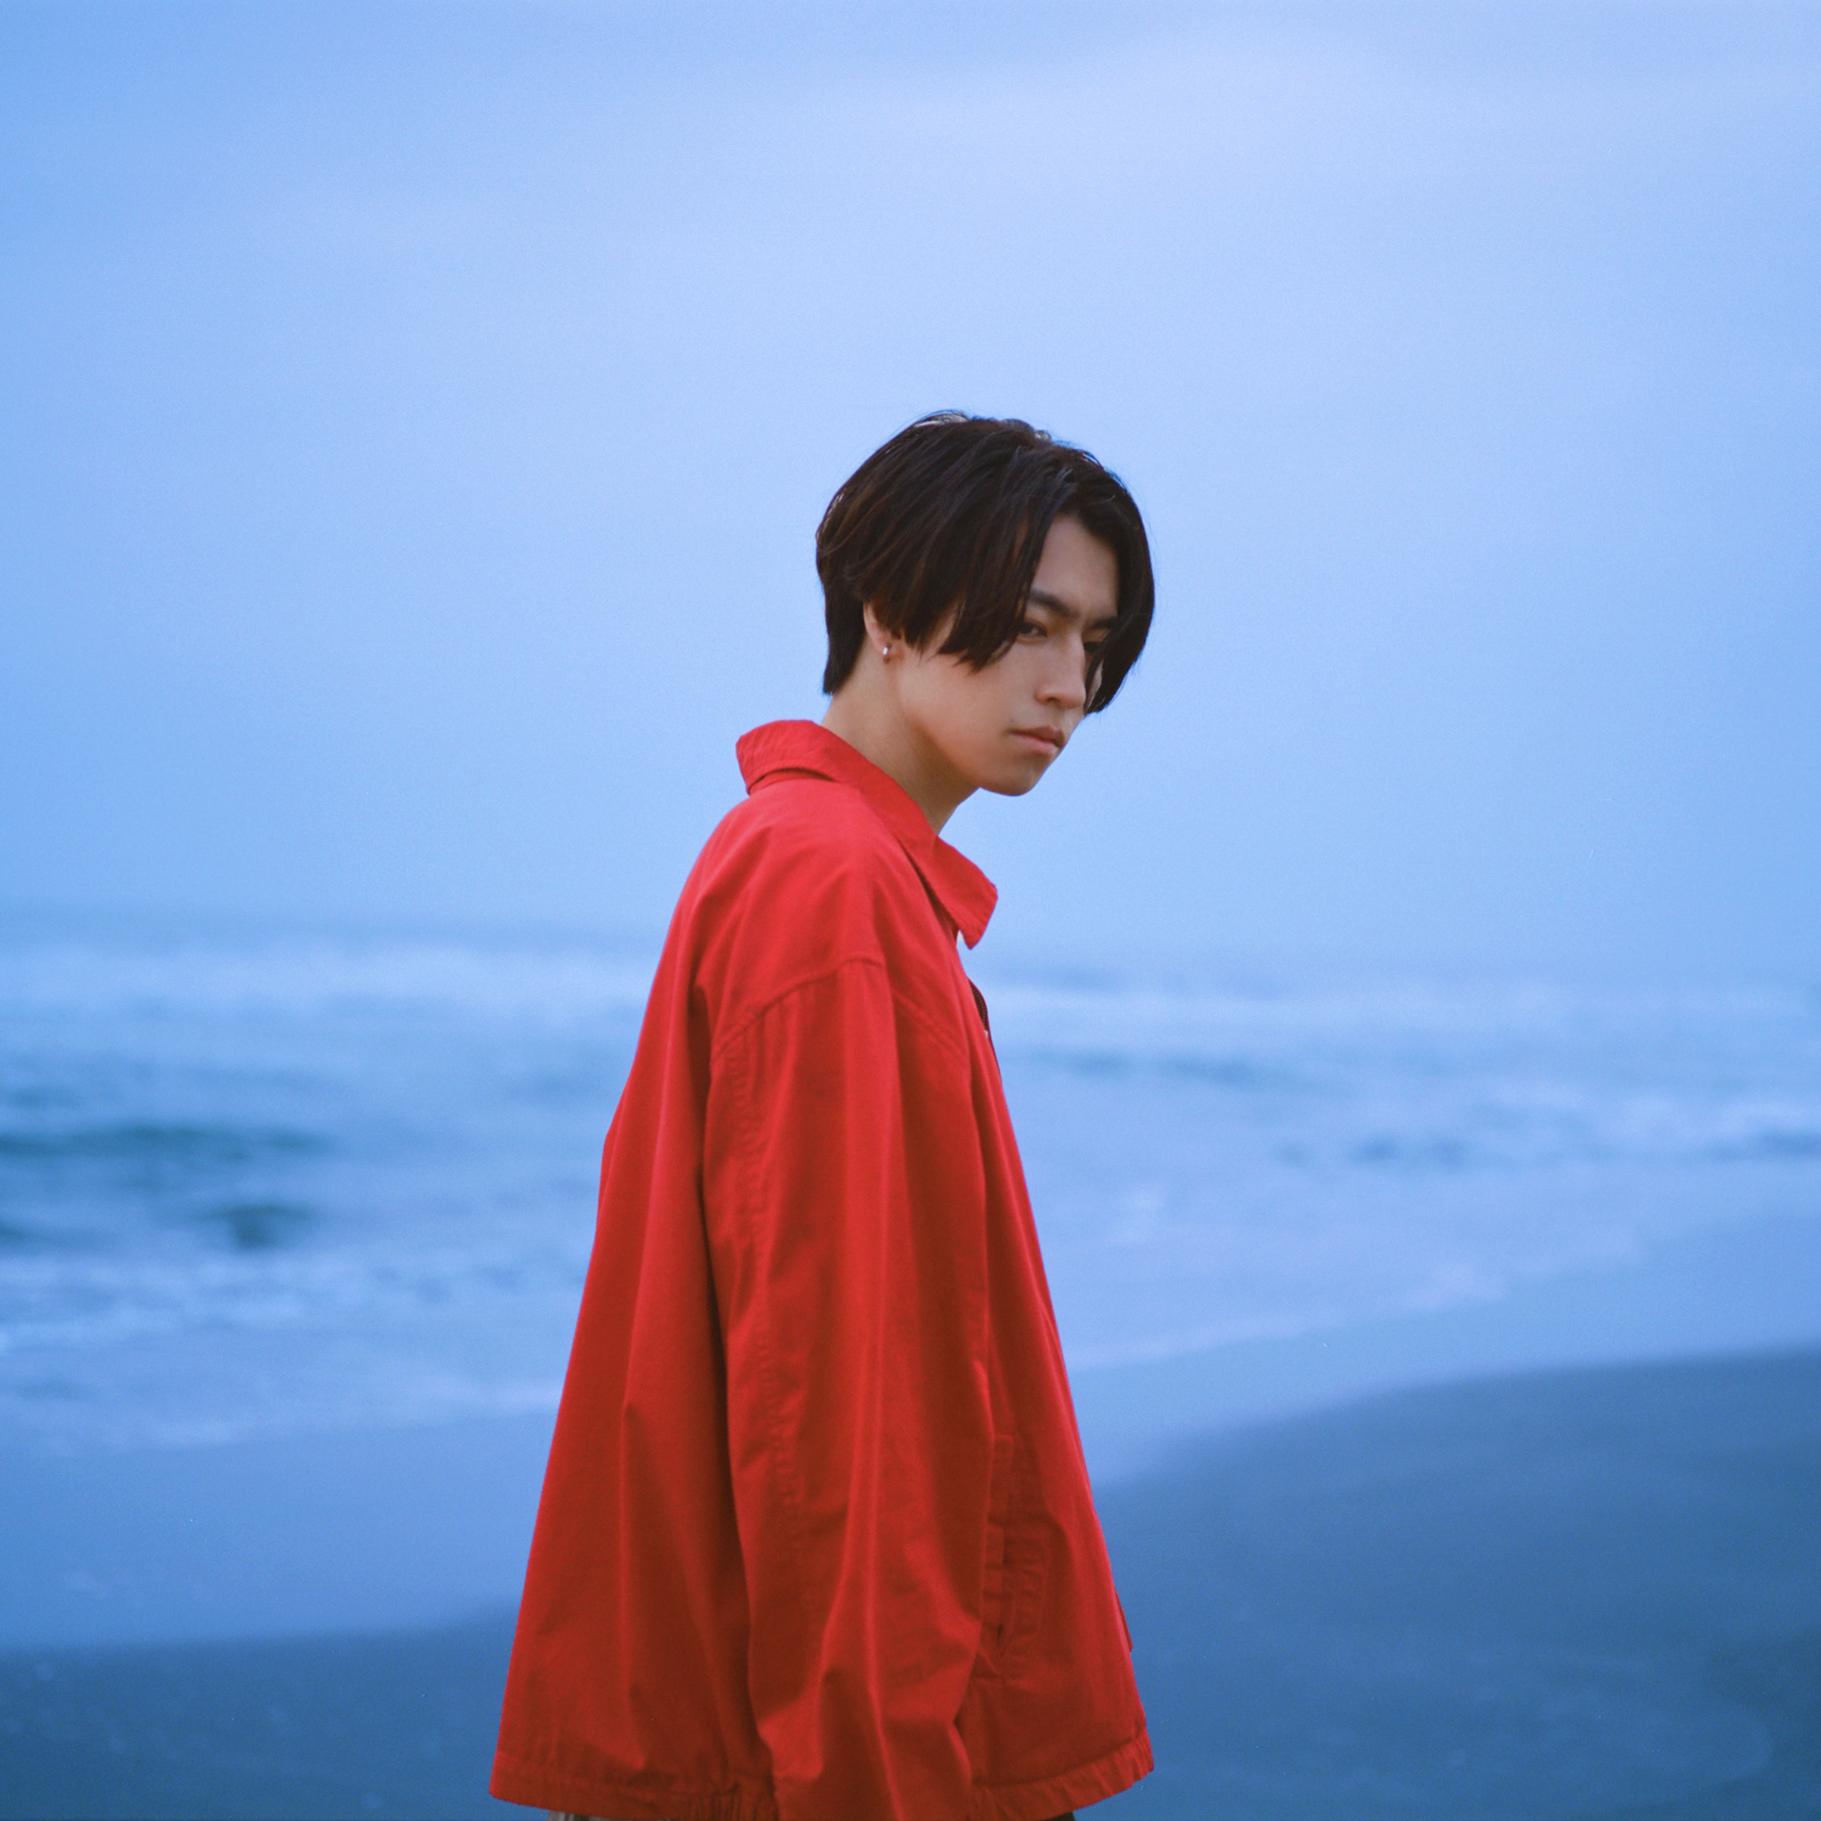 クリエイティヴ・ディレクション/松尾太陽の1stフル・アルバム『ものがたり』